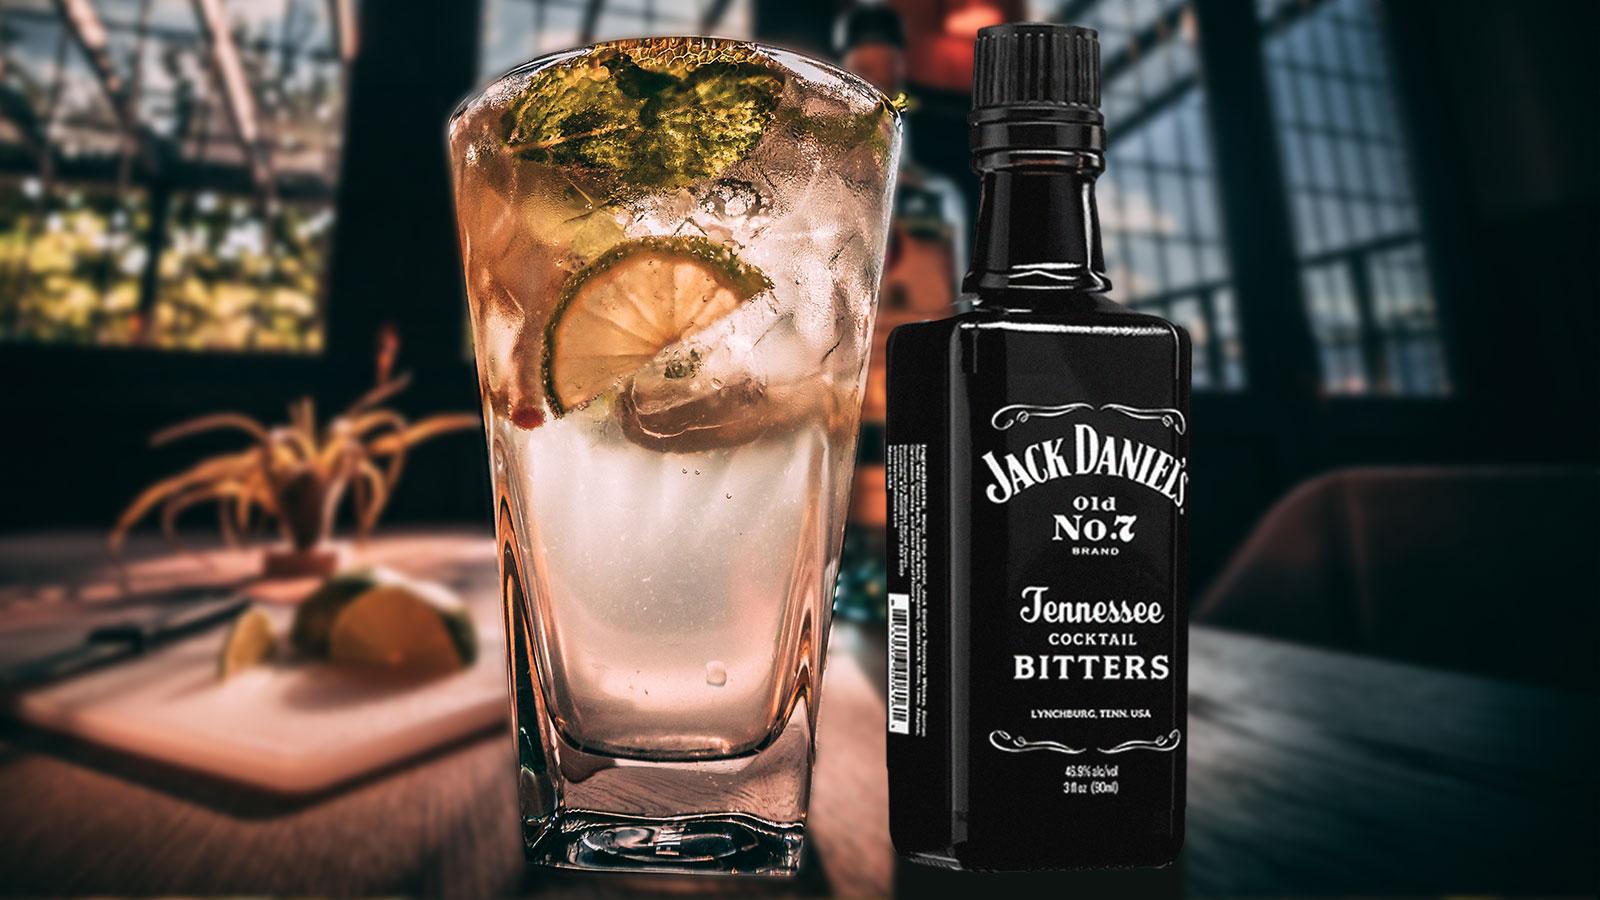 Jack Daniel's Cocktail Bitters ab sofort zu kaufen